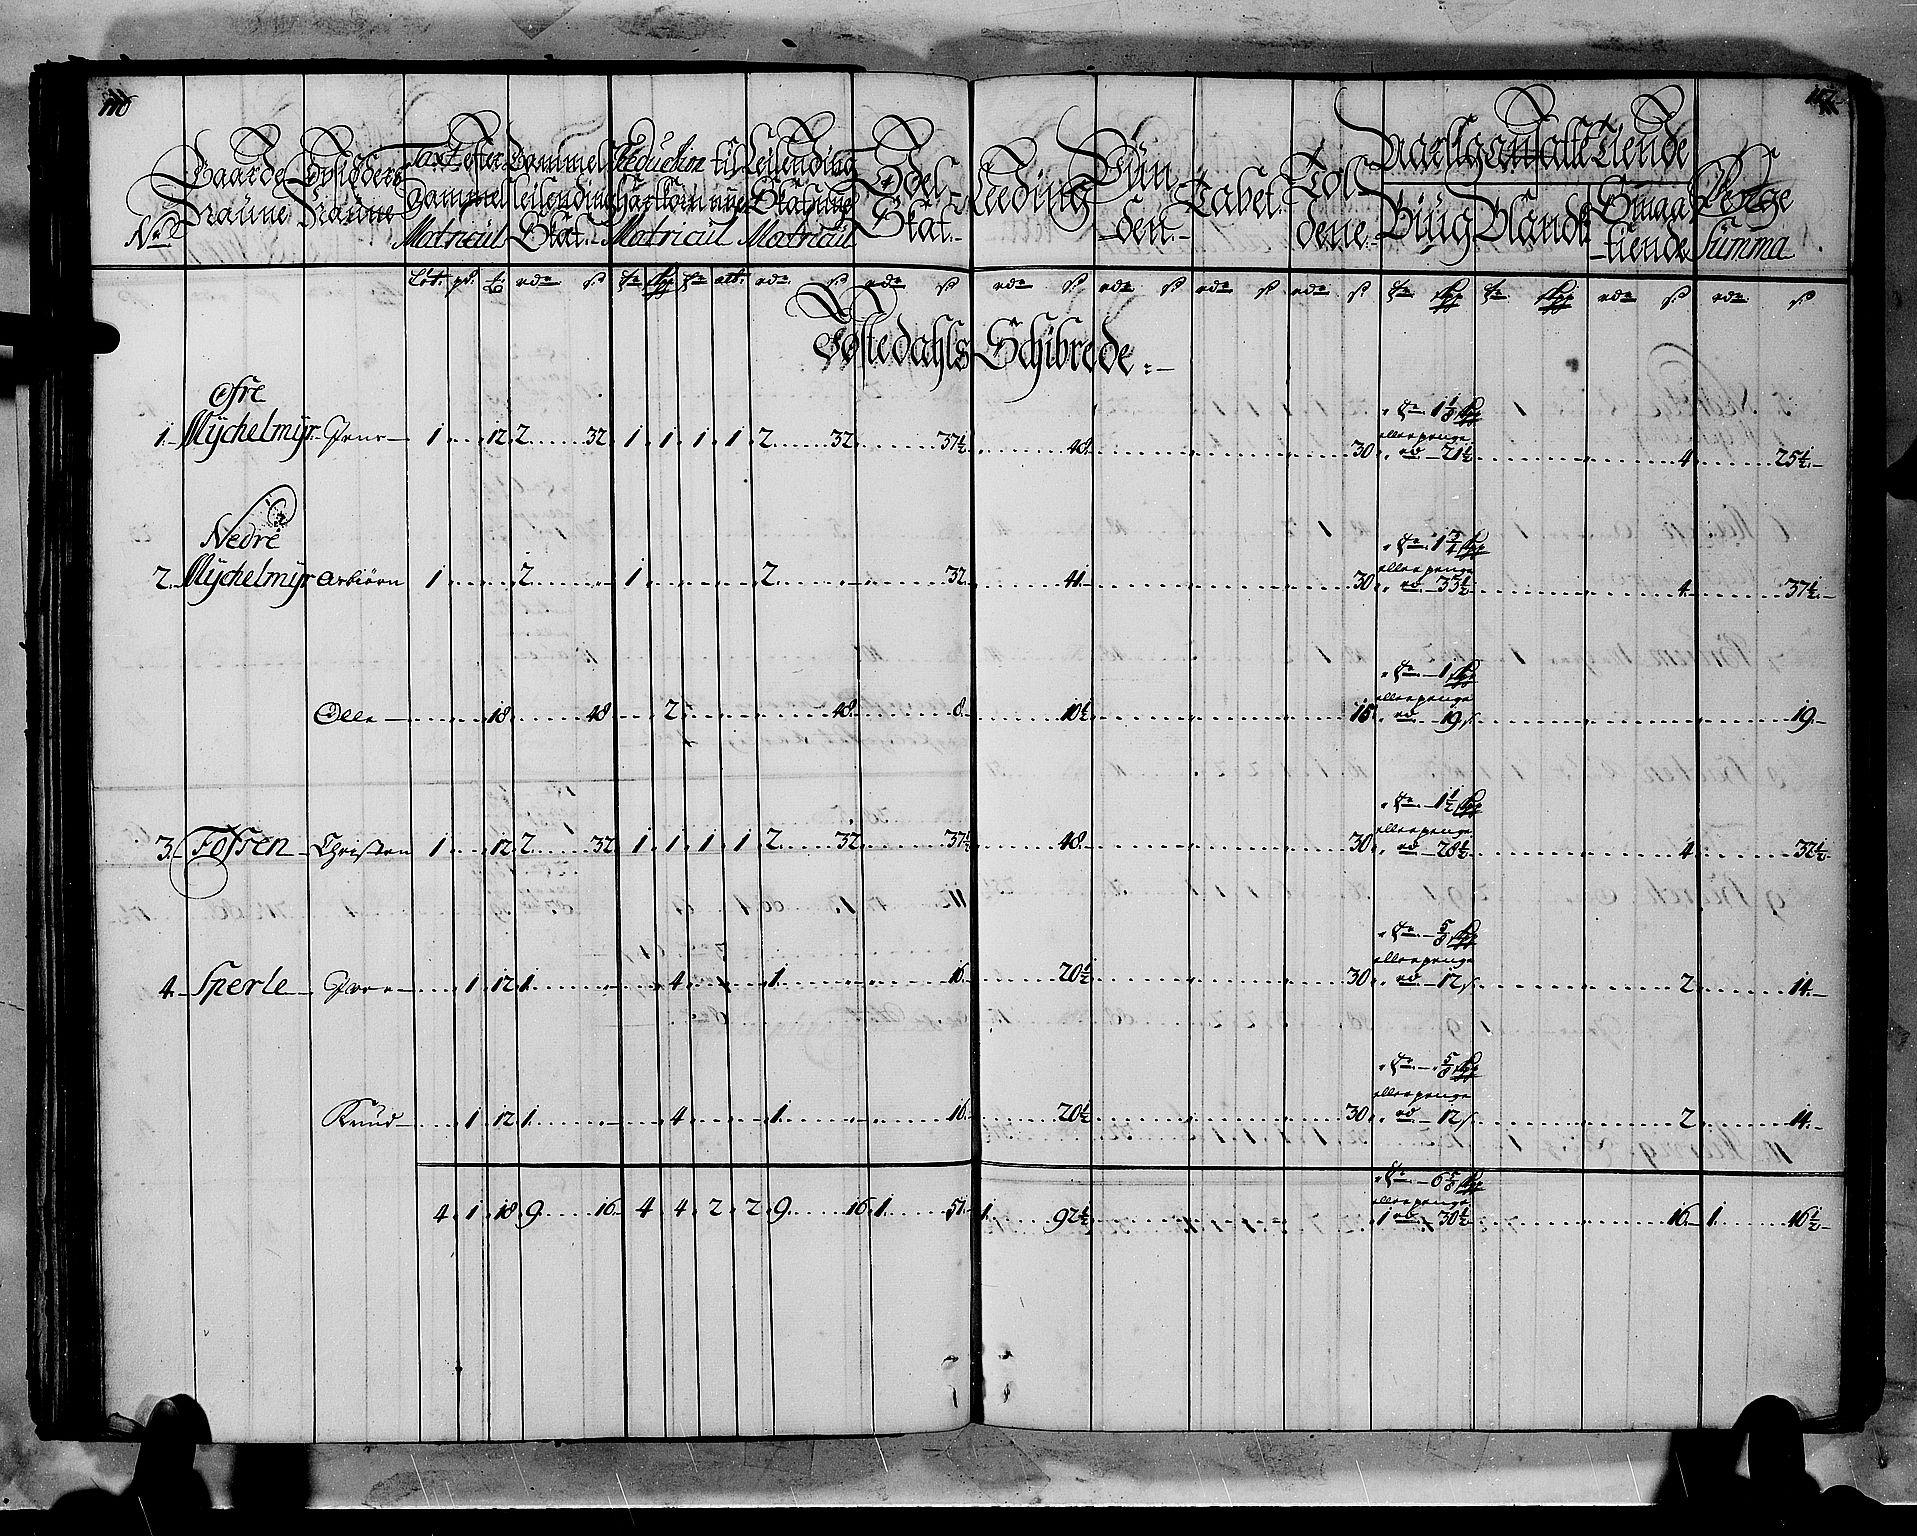 RA, Rentekammeret inntil 1814, Realistisk ordnet avdeling, N/Nb/Nbf/L0144: Indre Sogn matrikkelprotokoll, 1723, s. 116-117